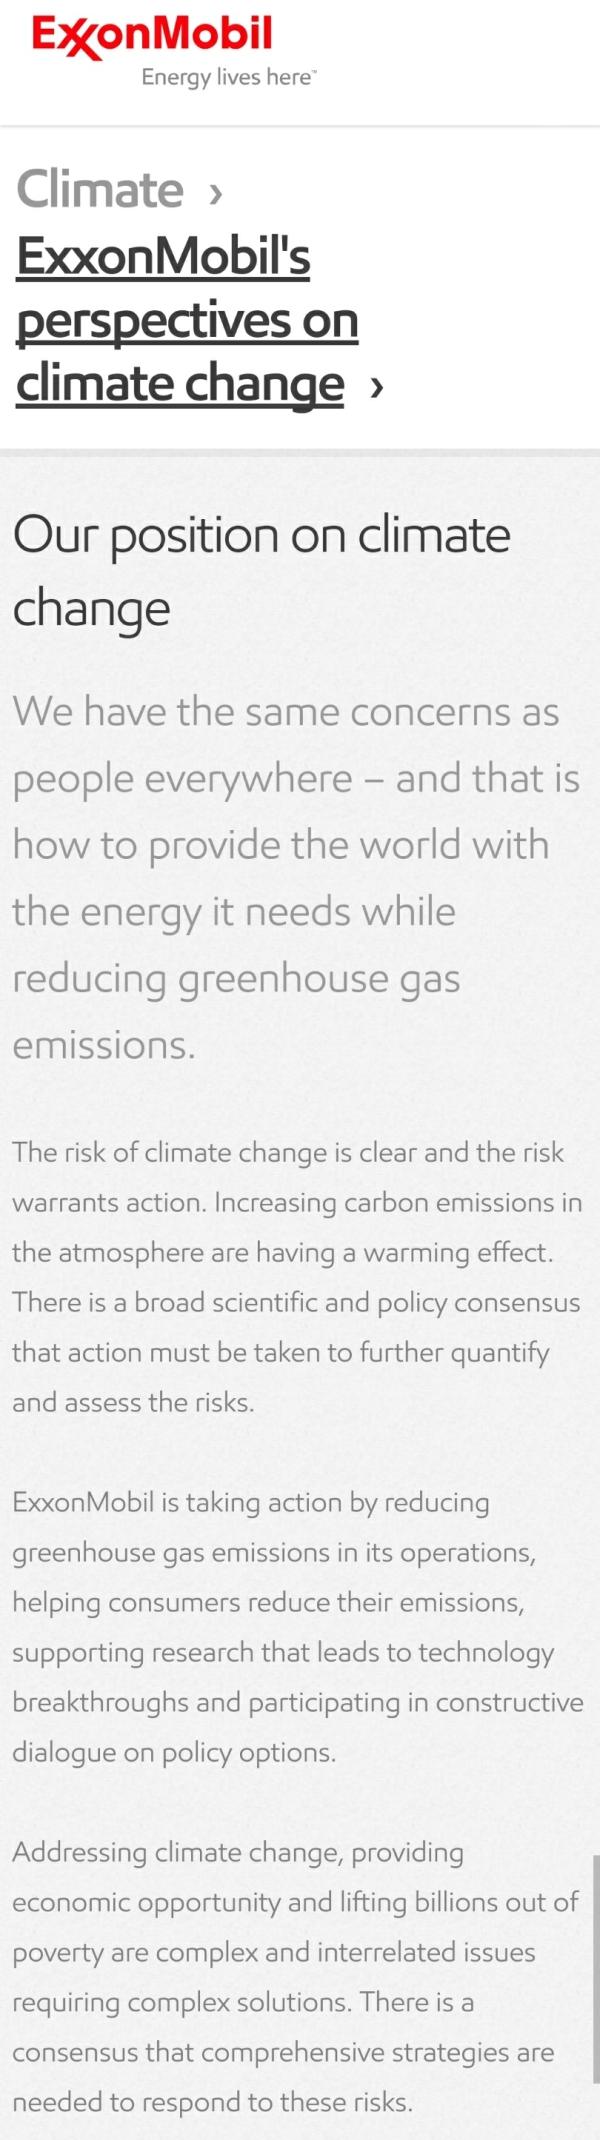 exxonmobil climate change